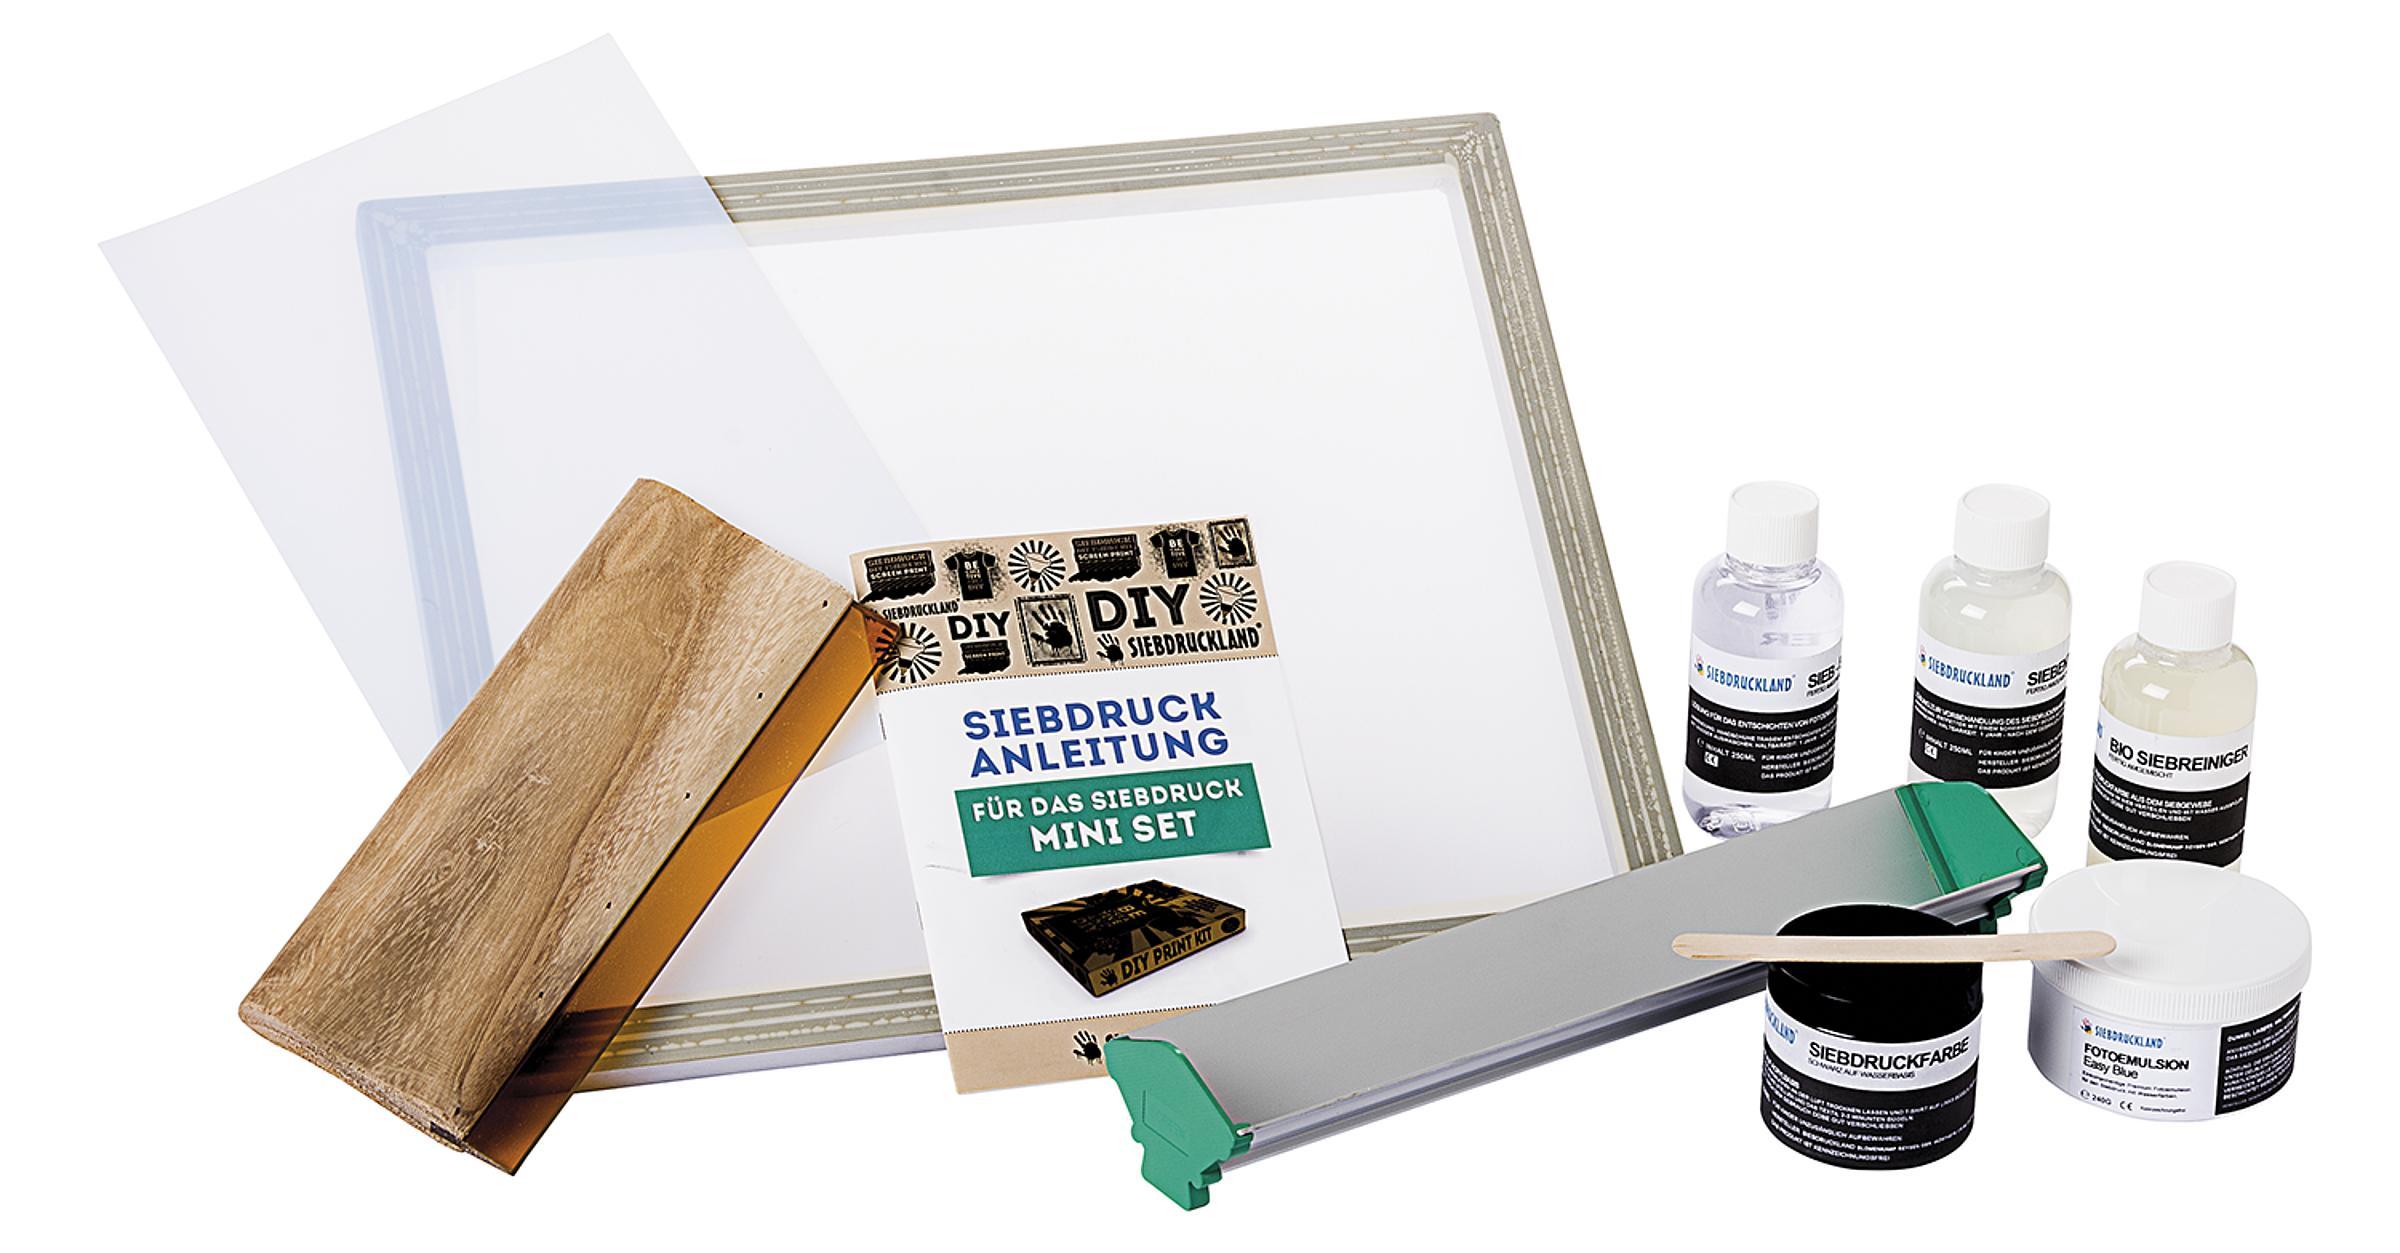 Angela /& Alex Siebdruck-Starter-Set Folie und Maskenband Holz Siebdruck-Rakel Siebdruckrahmen 20-teilig Tintenstrahl-Transparenz 25,4 x 35,6 cm wei/ßes Netzgewebe